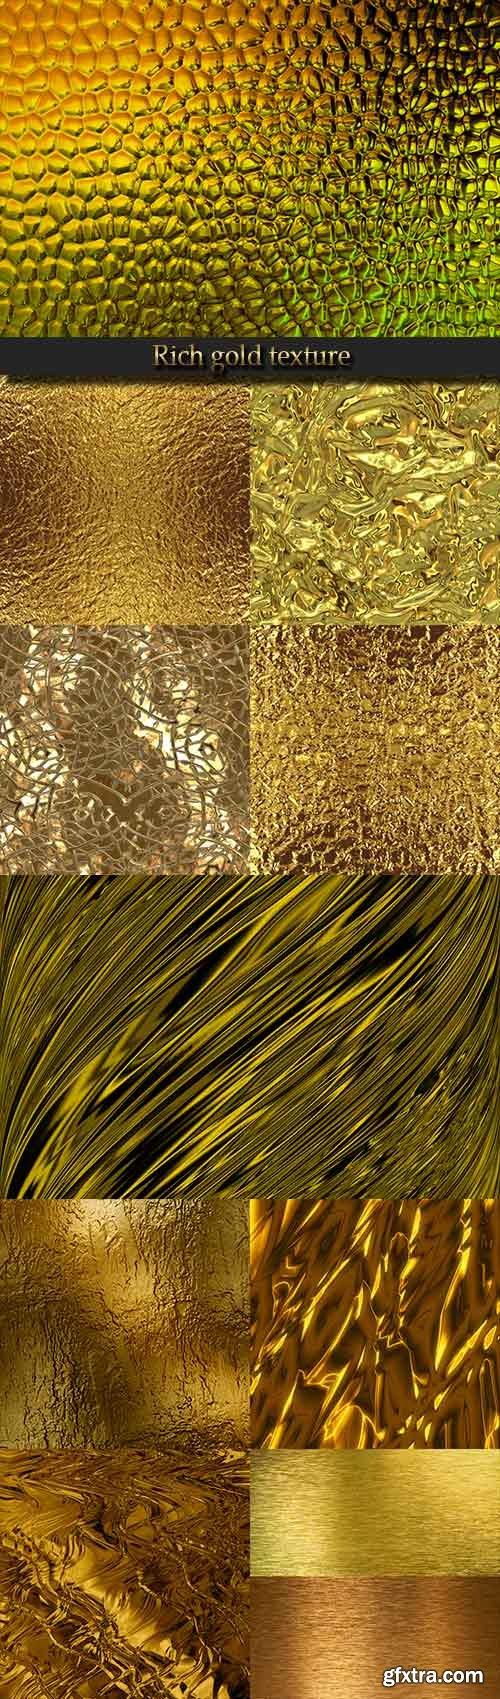 Rich gold texture